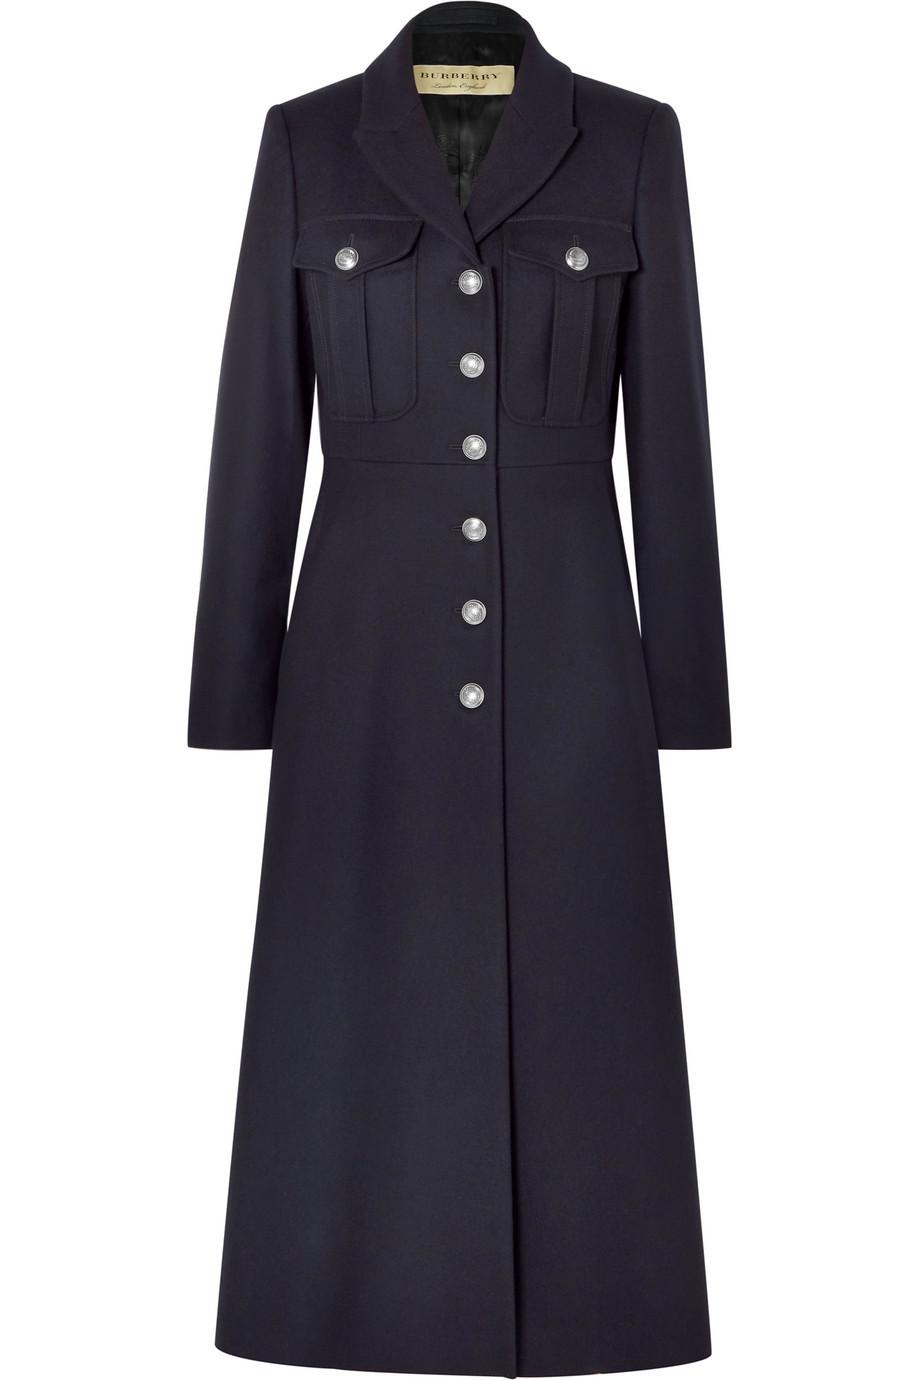 El abrigo de Burberry (1990 euros).